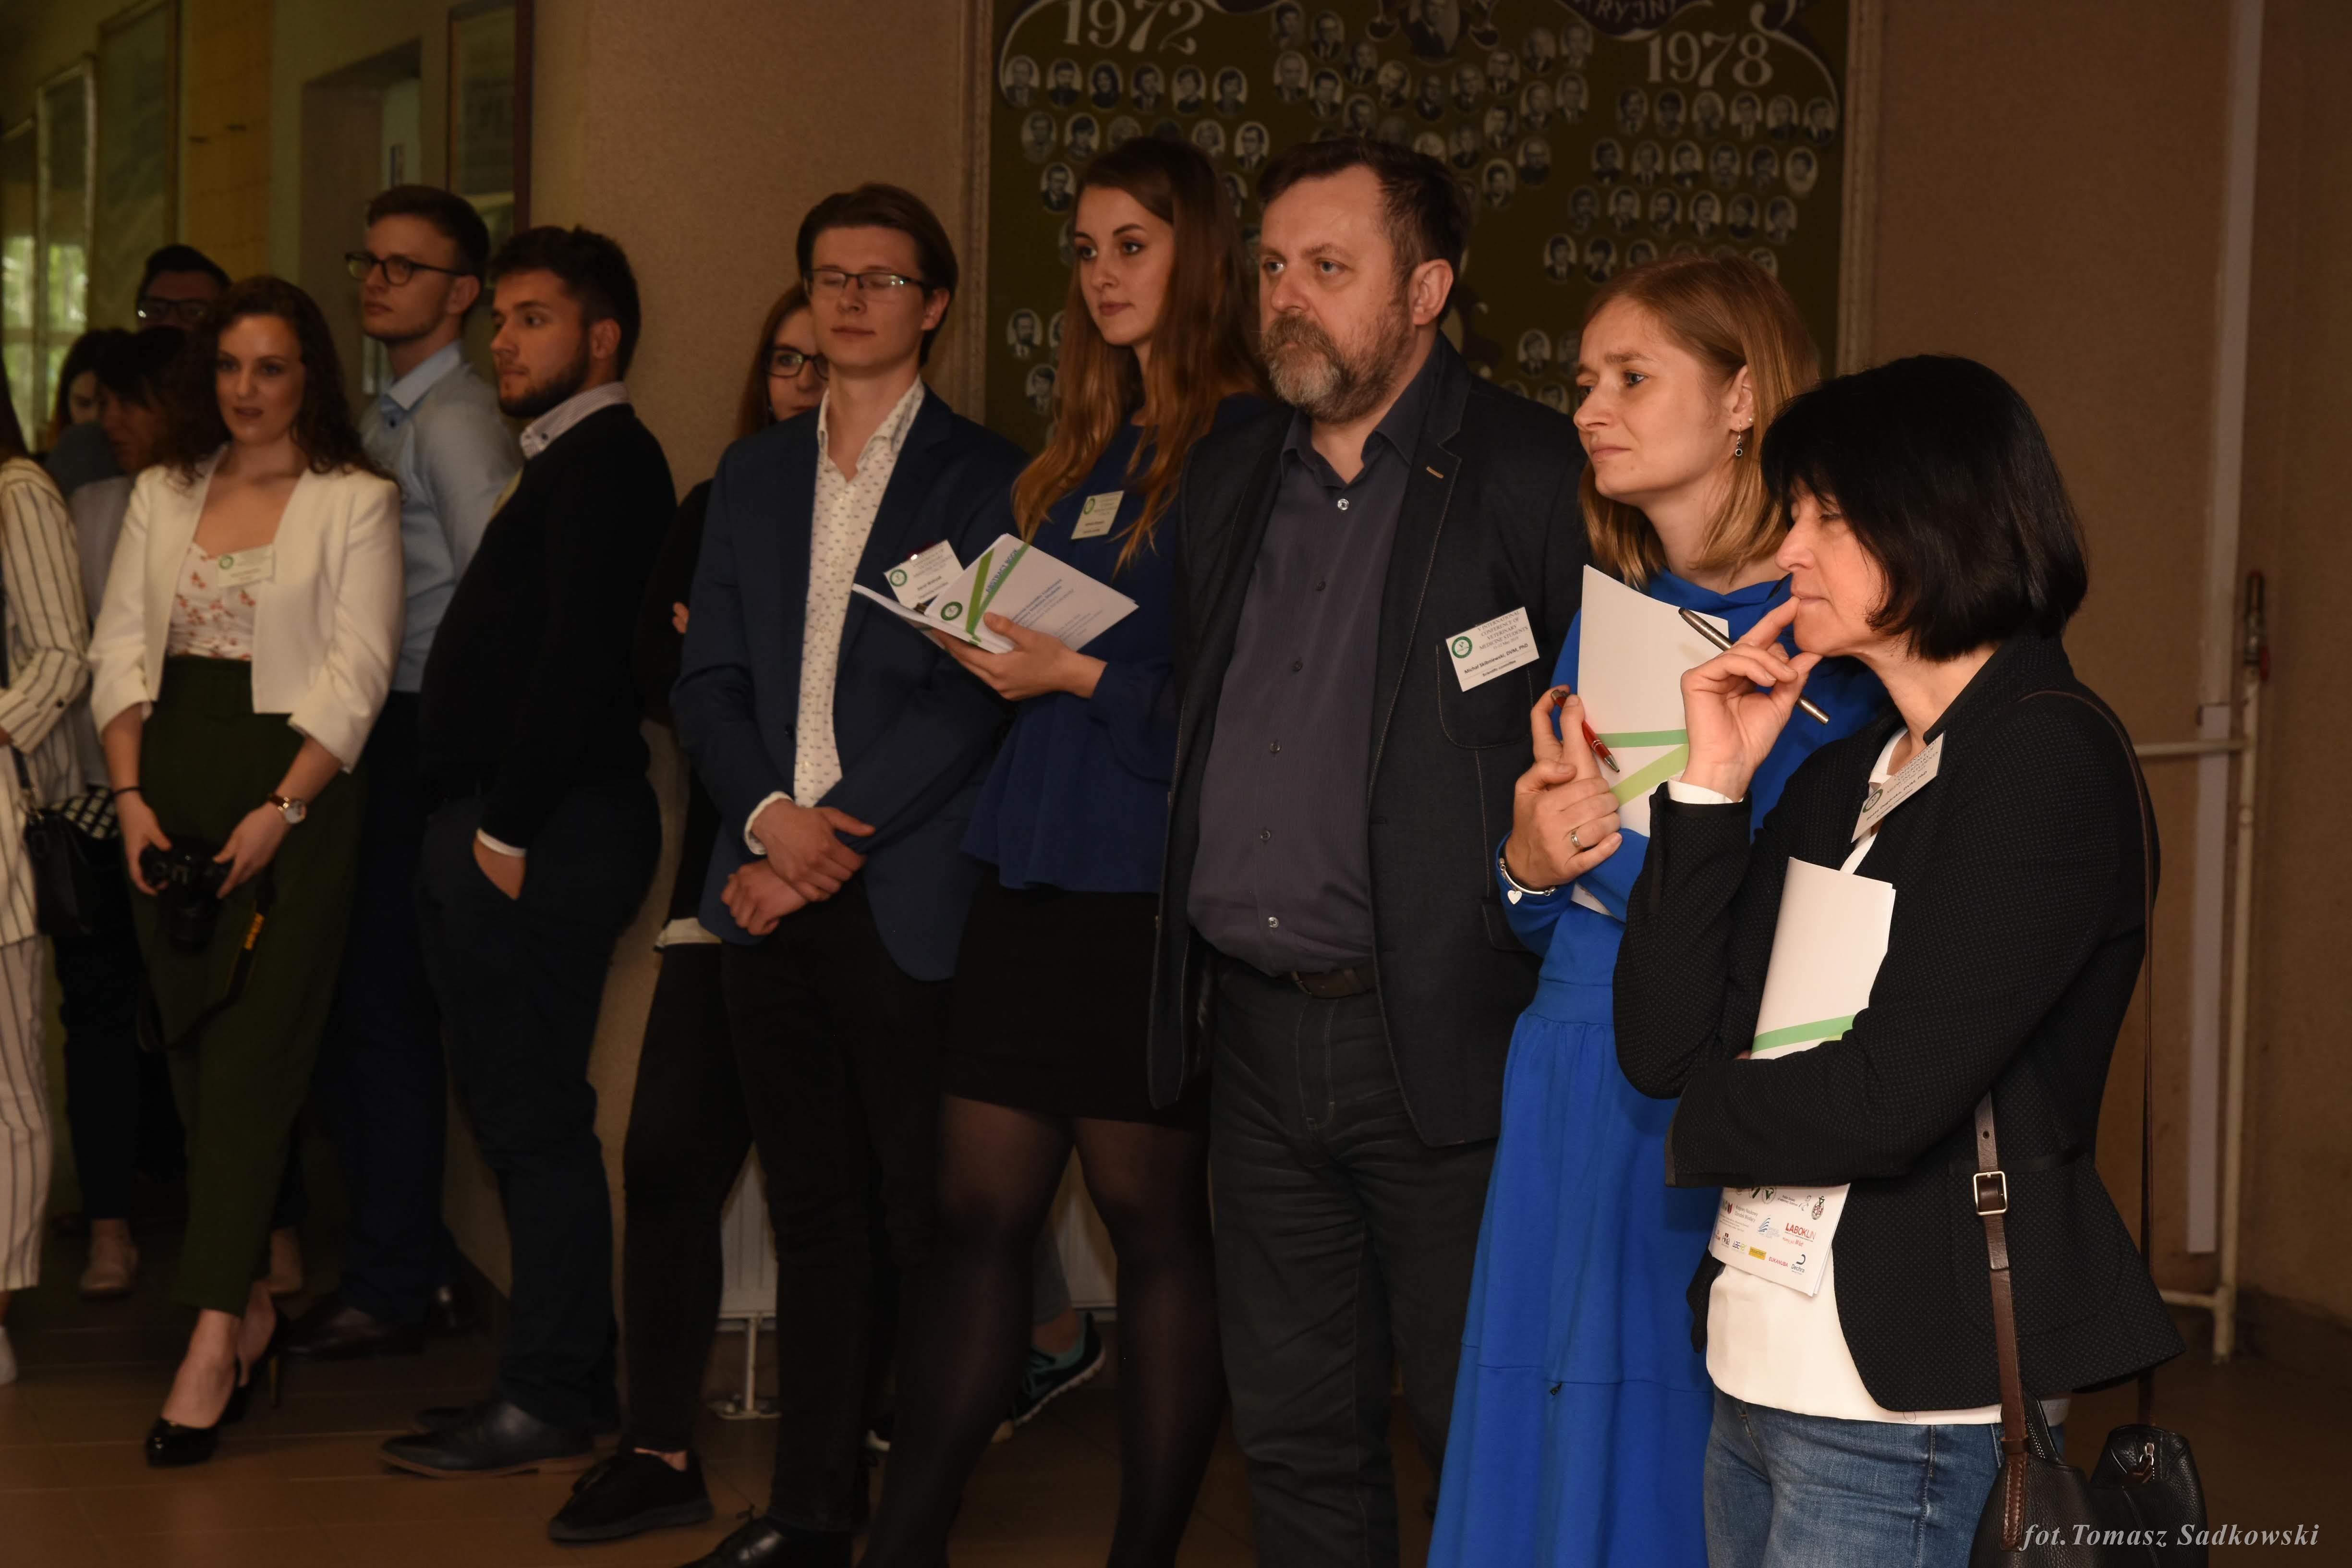 Scientific Commitee, small animals session -from the left Michał Skibniewski DVM PhD, Marta Parzeniecka-Jaworska DVM PhD, Beata Degórska DVM PhD